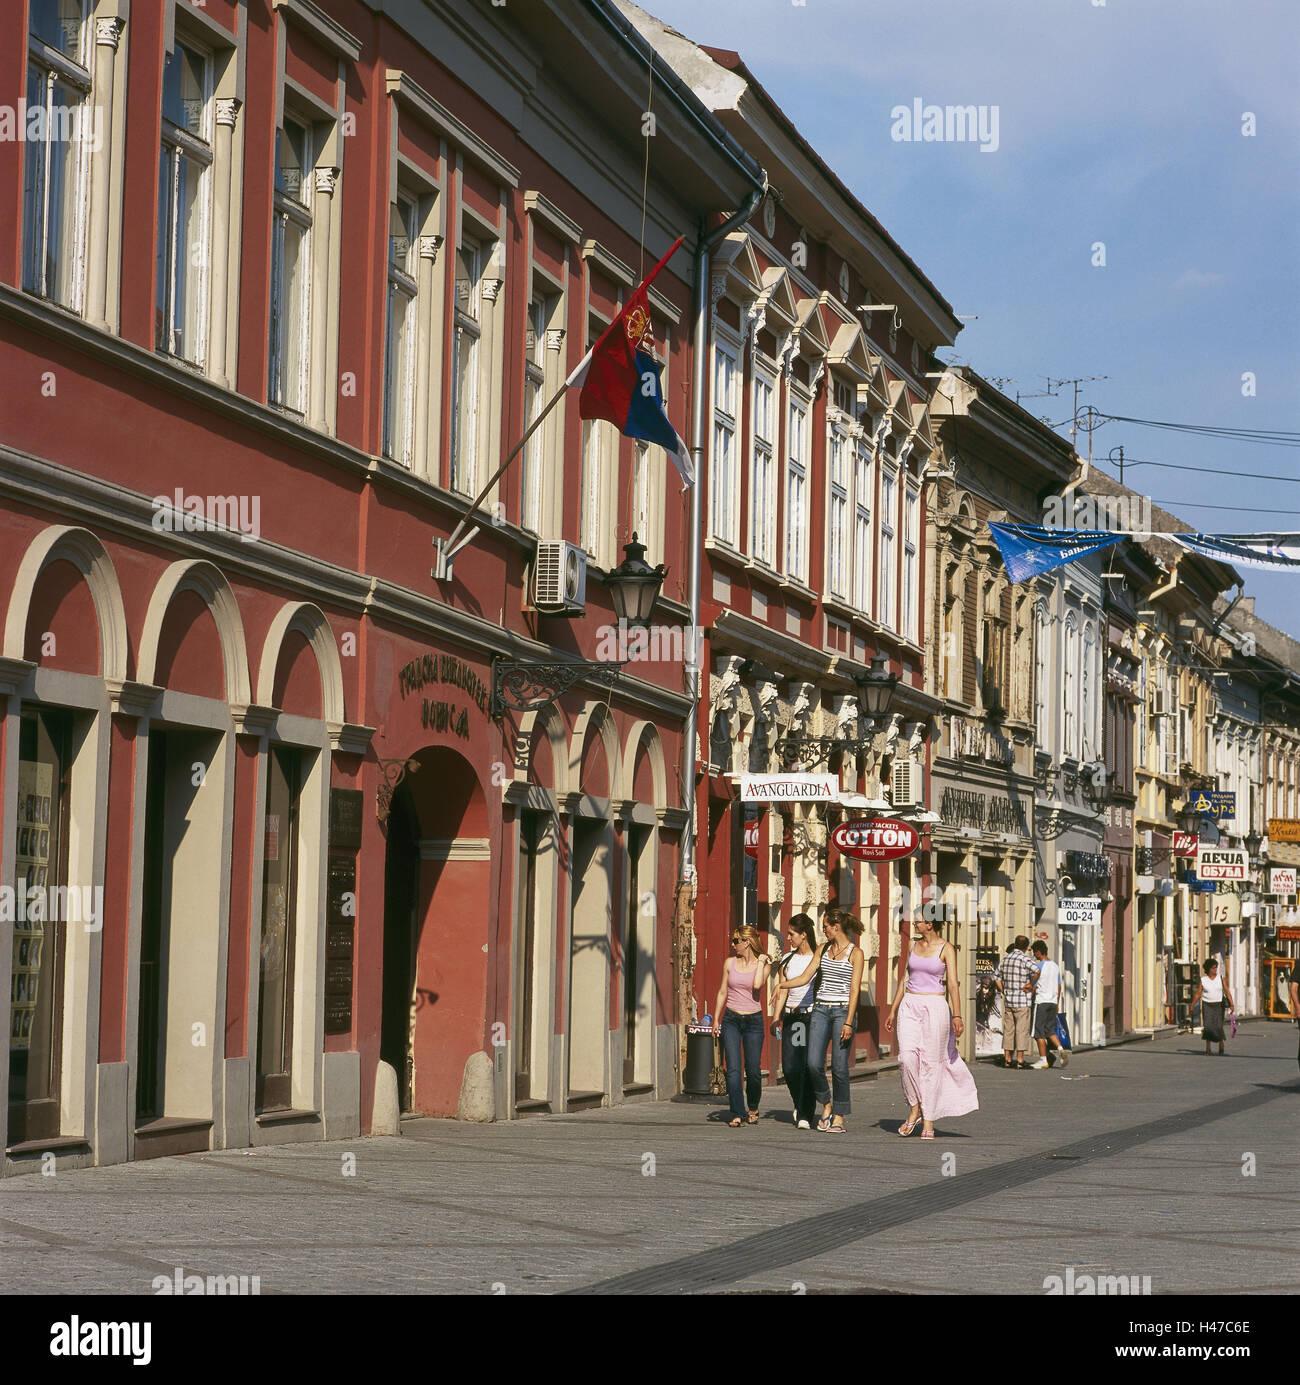 Perfekt Serbien, Vojvodina, Novi Sad, Fußgängerzone, Terrasse, Frauen, Kein Model  Release, Stadt, Innenstadt, Donaustrasse, Einkaufen, Straße, Gebäude,  Geschäfte, ...